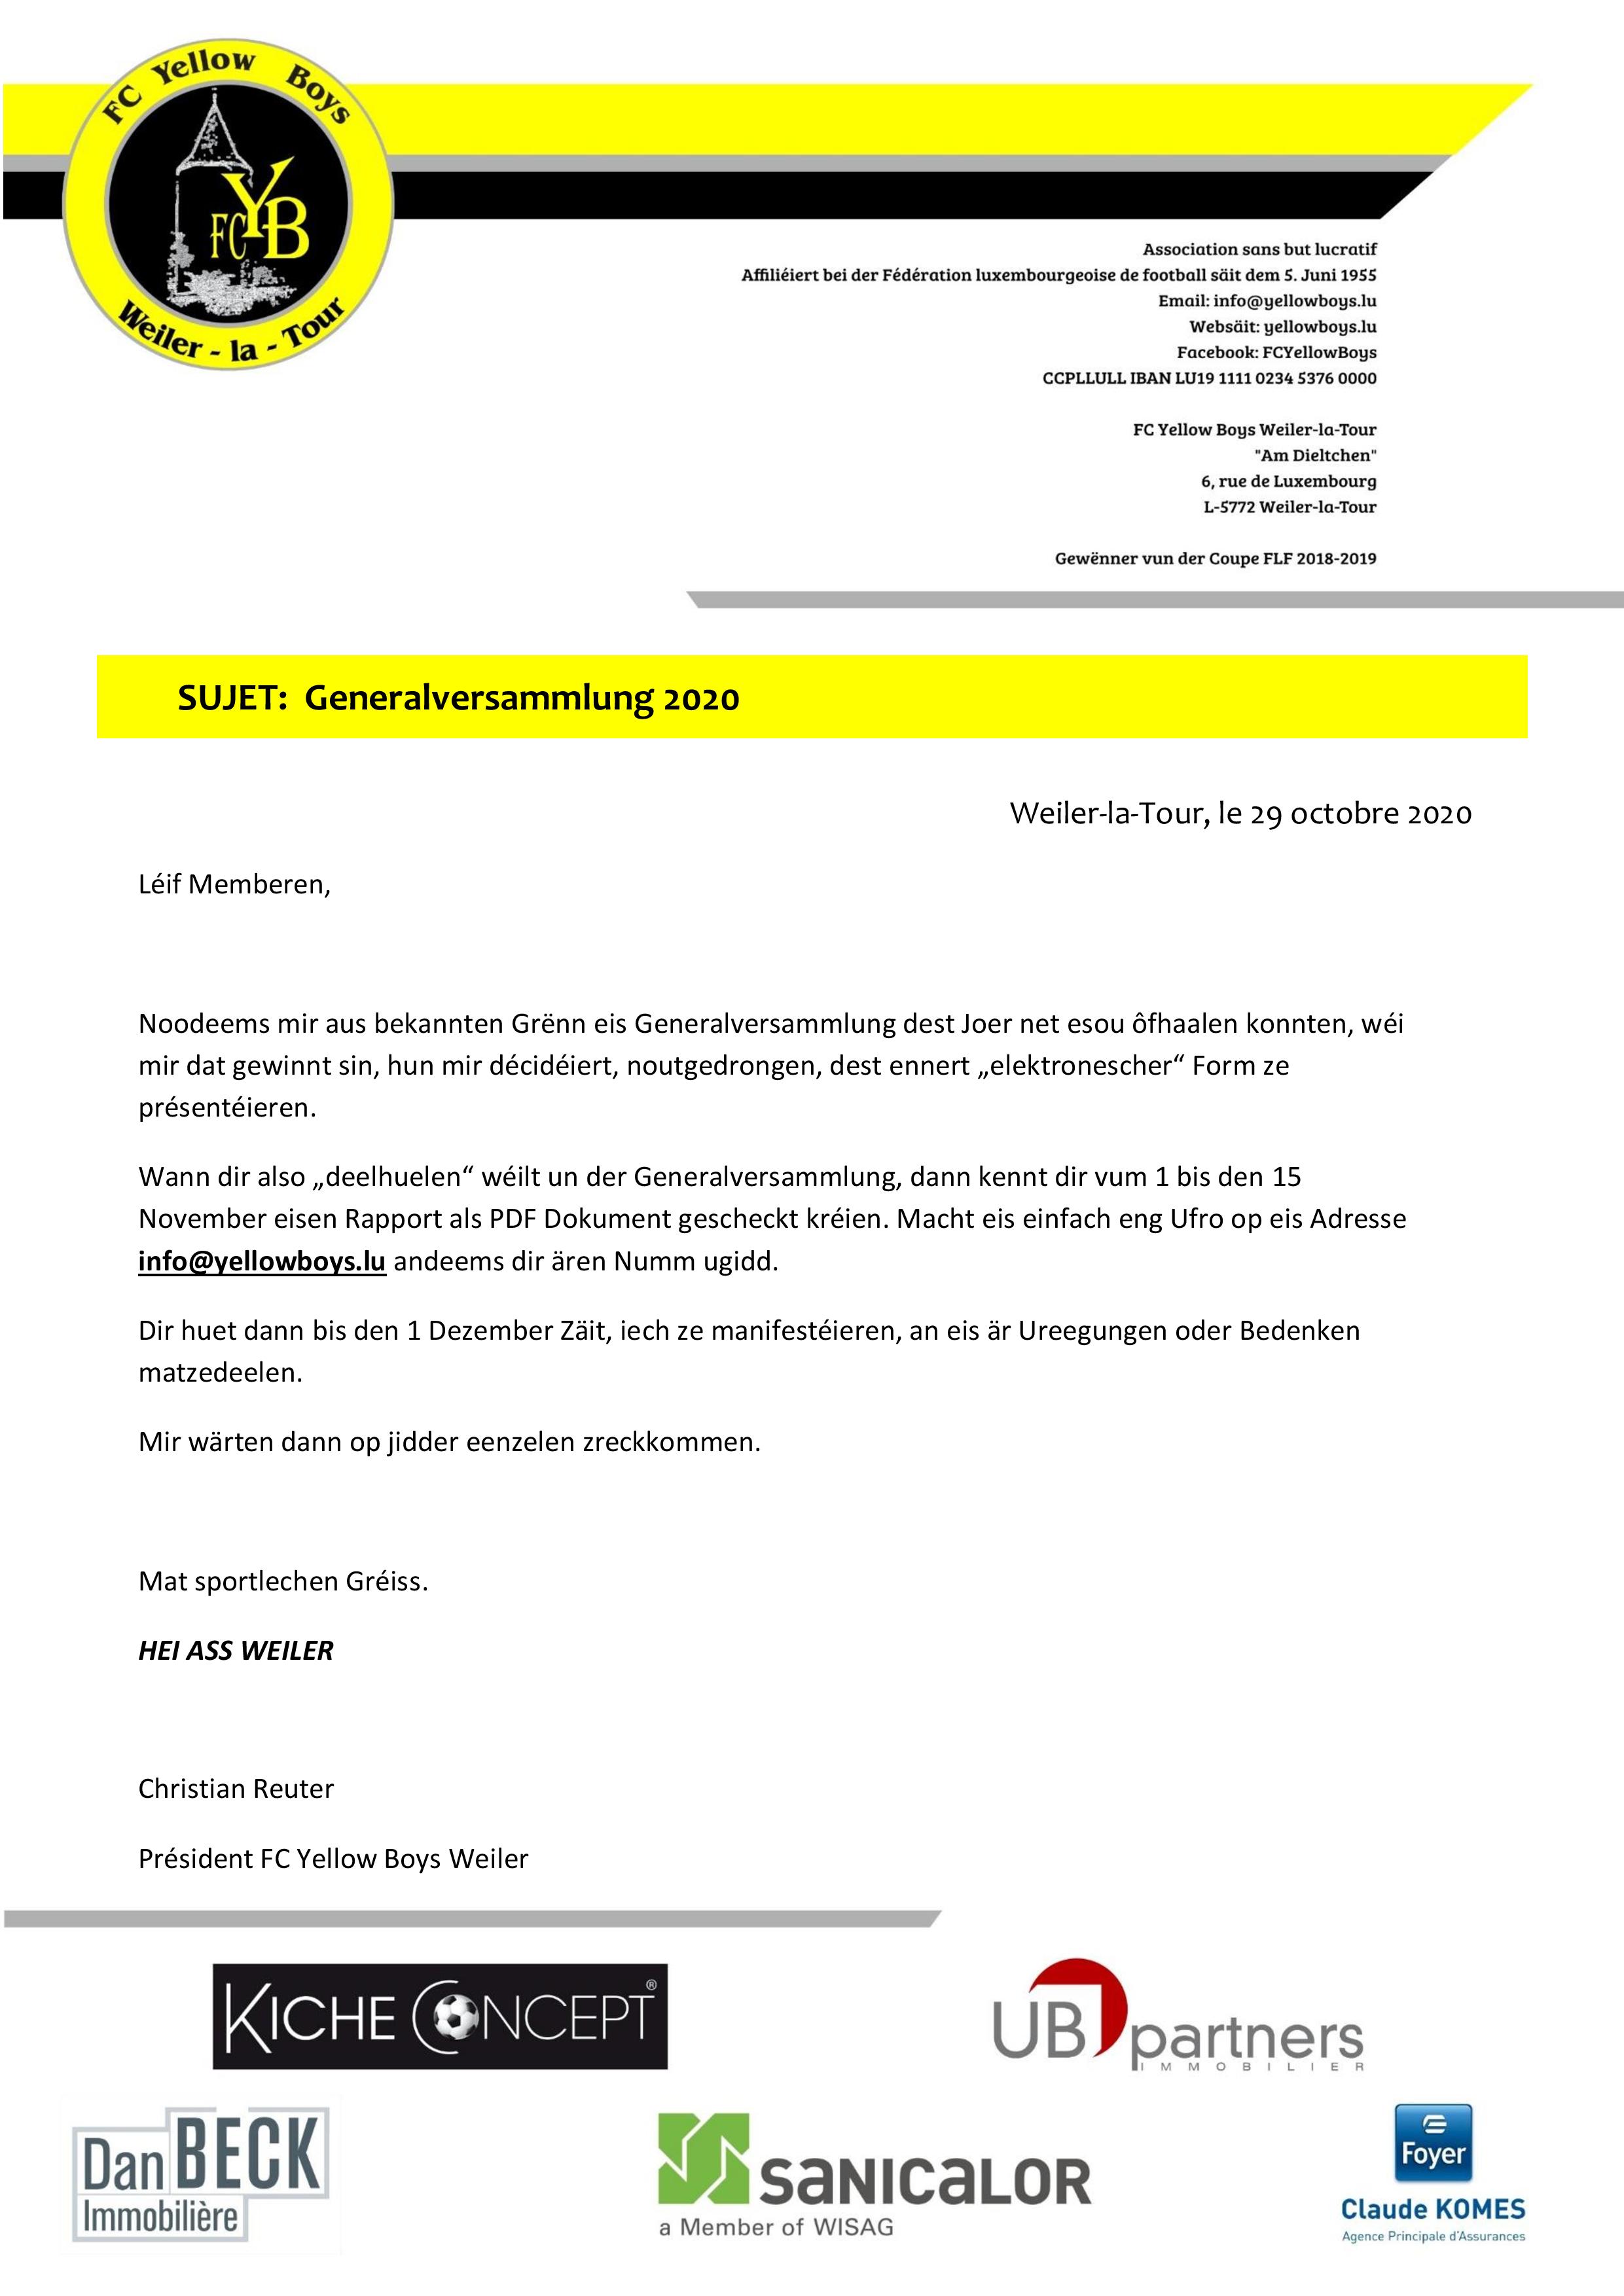 Generalversammlung 2020 LUX